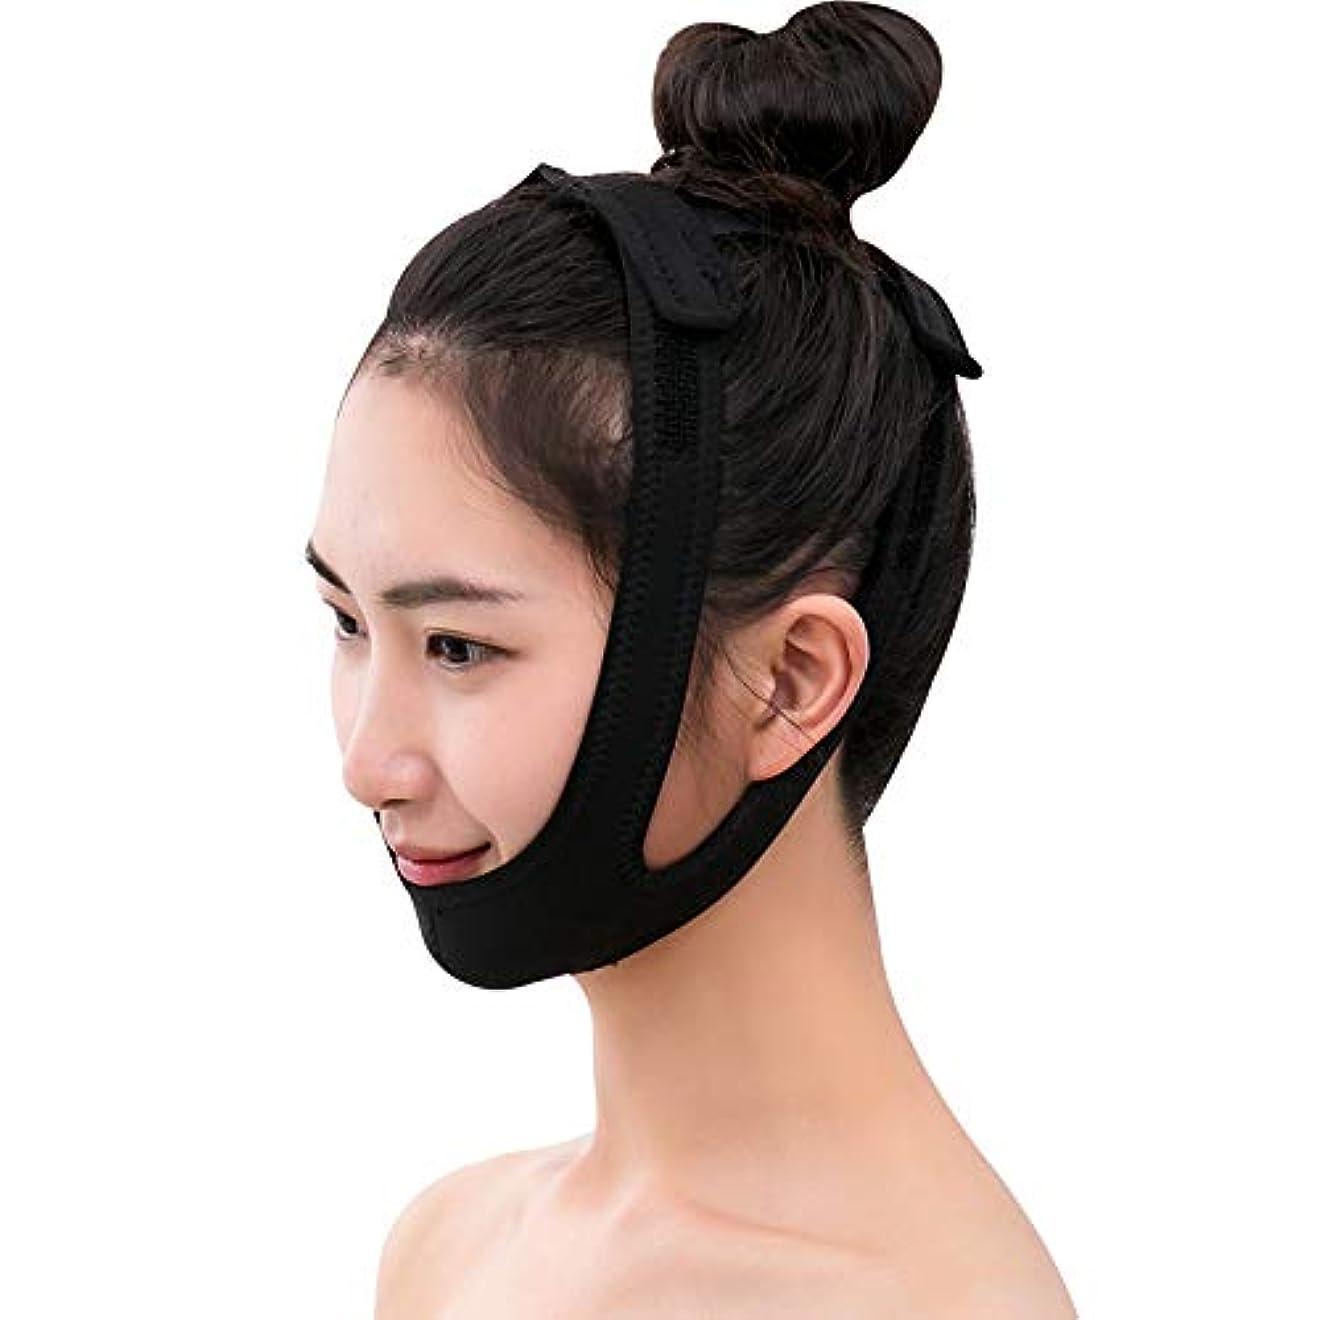 先のことを考える虚栄心従事するフェイスリフティング包帯、Vフェイス睡眠フェイスマスク、整形と持ち上げ、ダブルチンストラップ